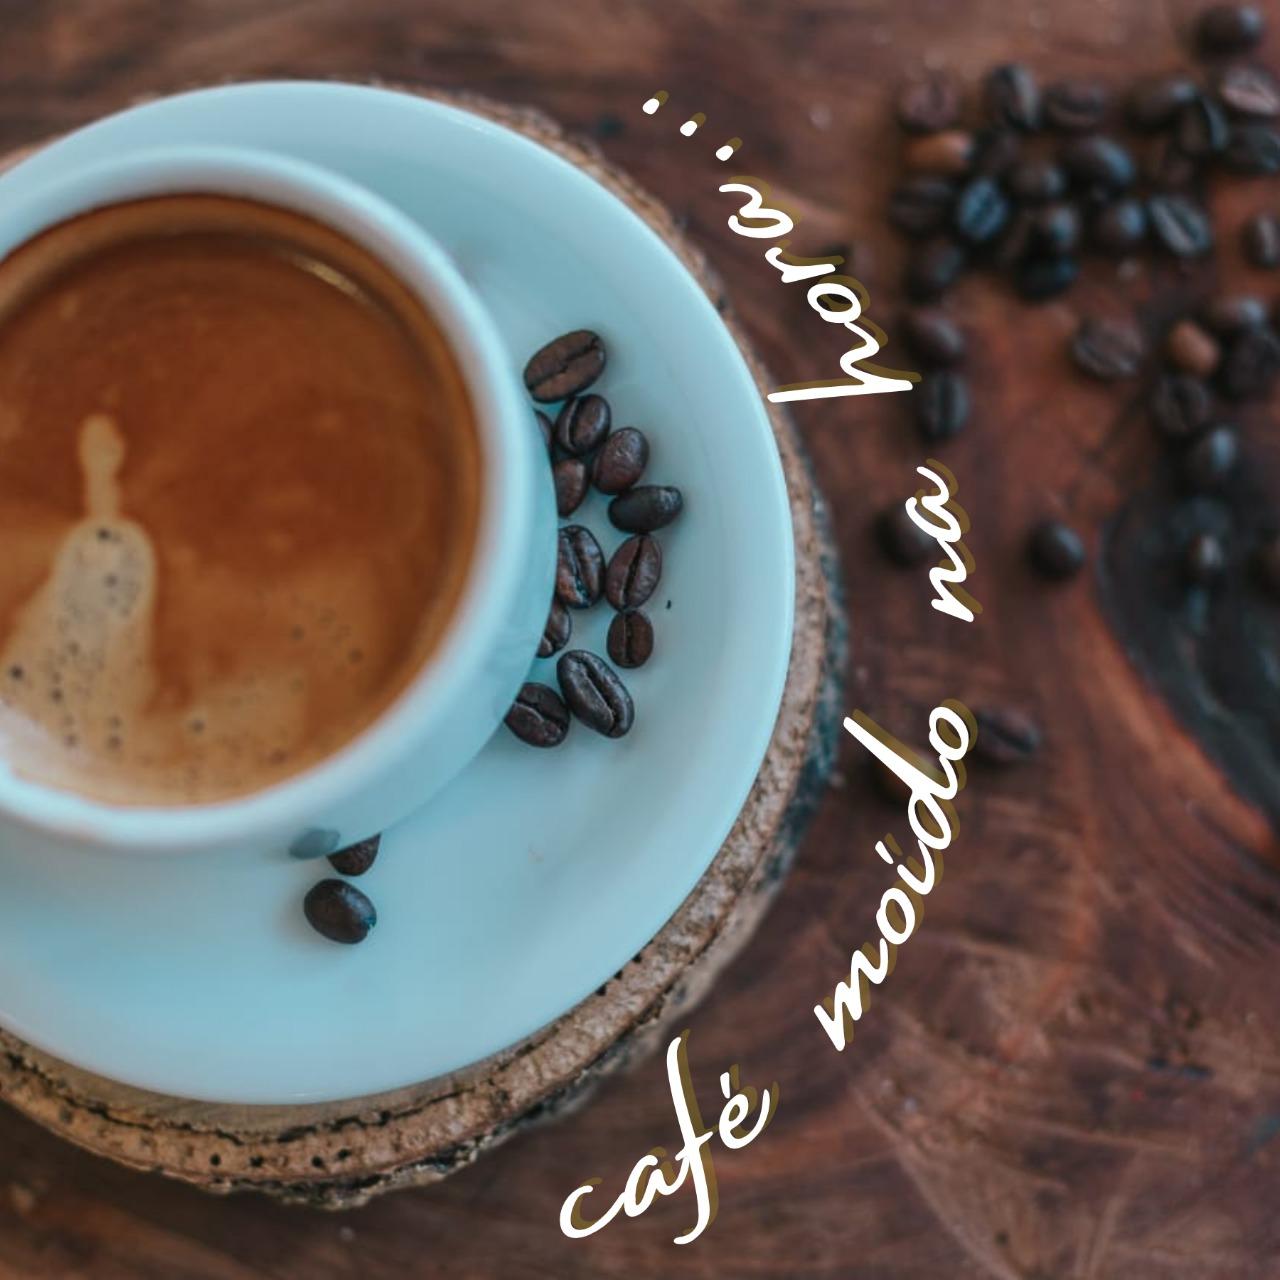 Descubra por que você deveria tomar café moído na hora